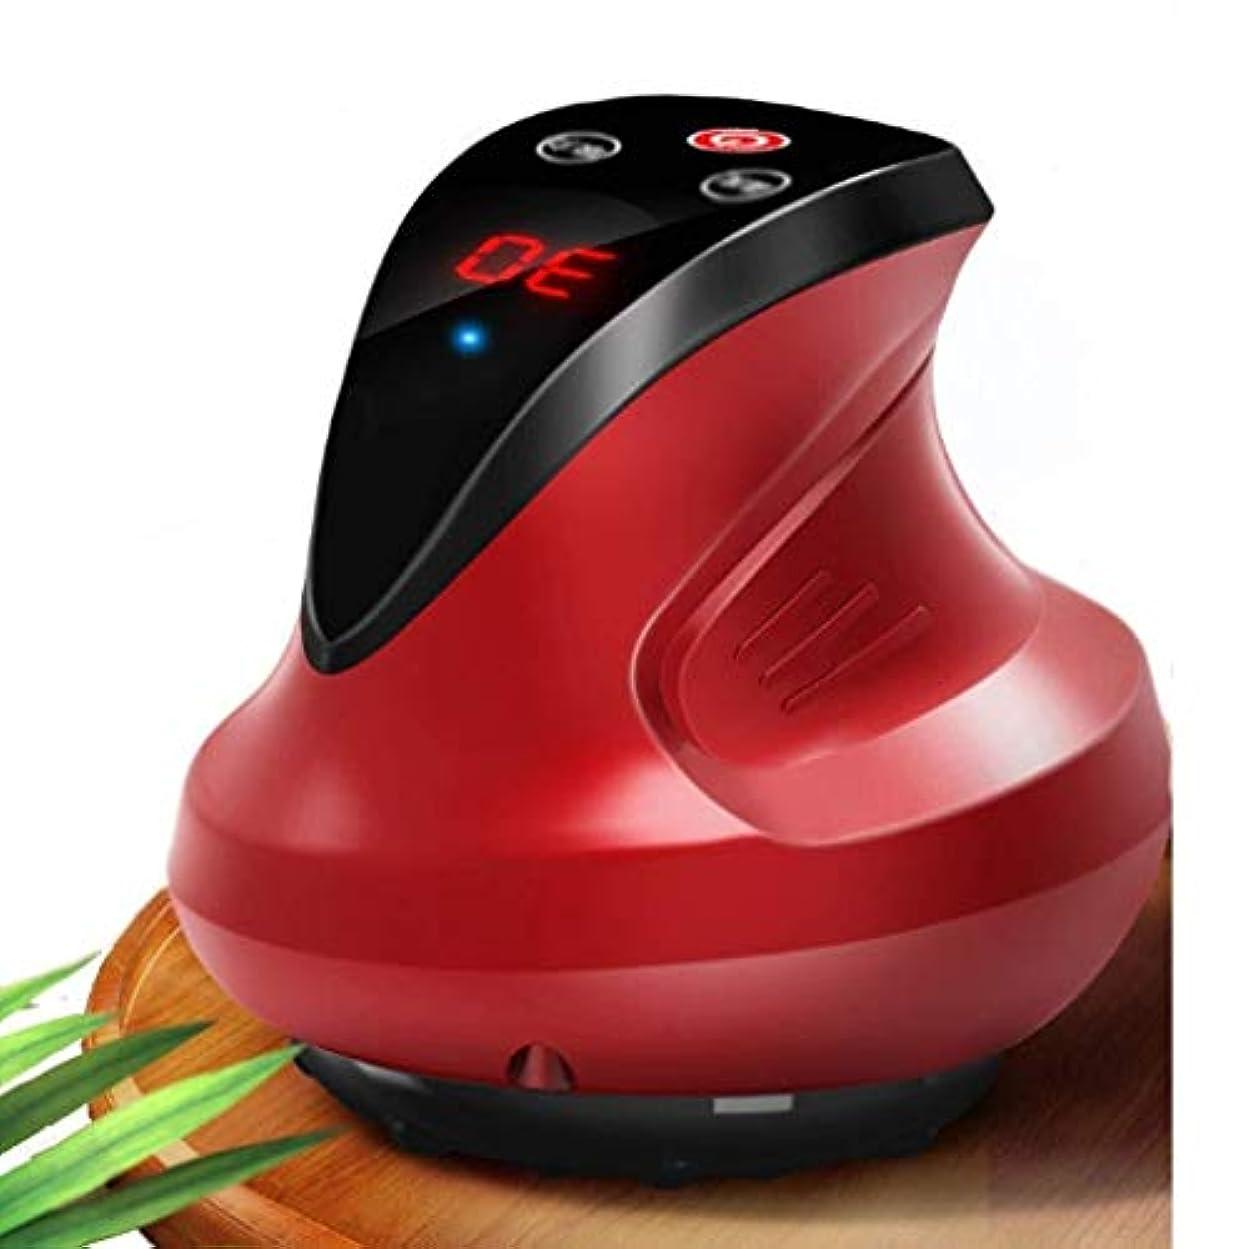 動展開する接辞電気グアシャマッサージ、加熱陰圧磁気療法、スクレーピングデトックスマッサージ、陰圧リンファデトックスSPAグアシャマッサージ (Color : 赤)